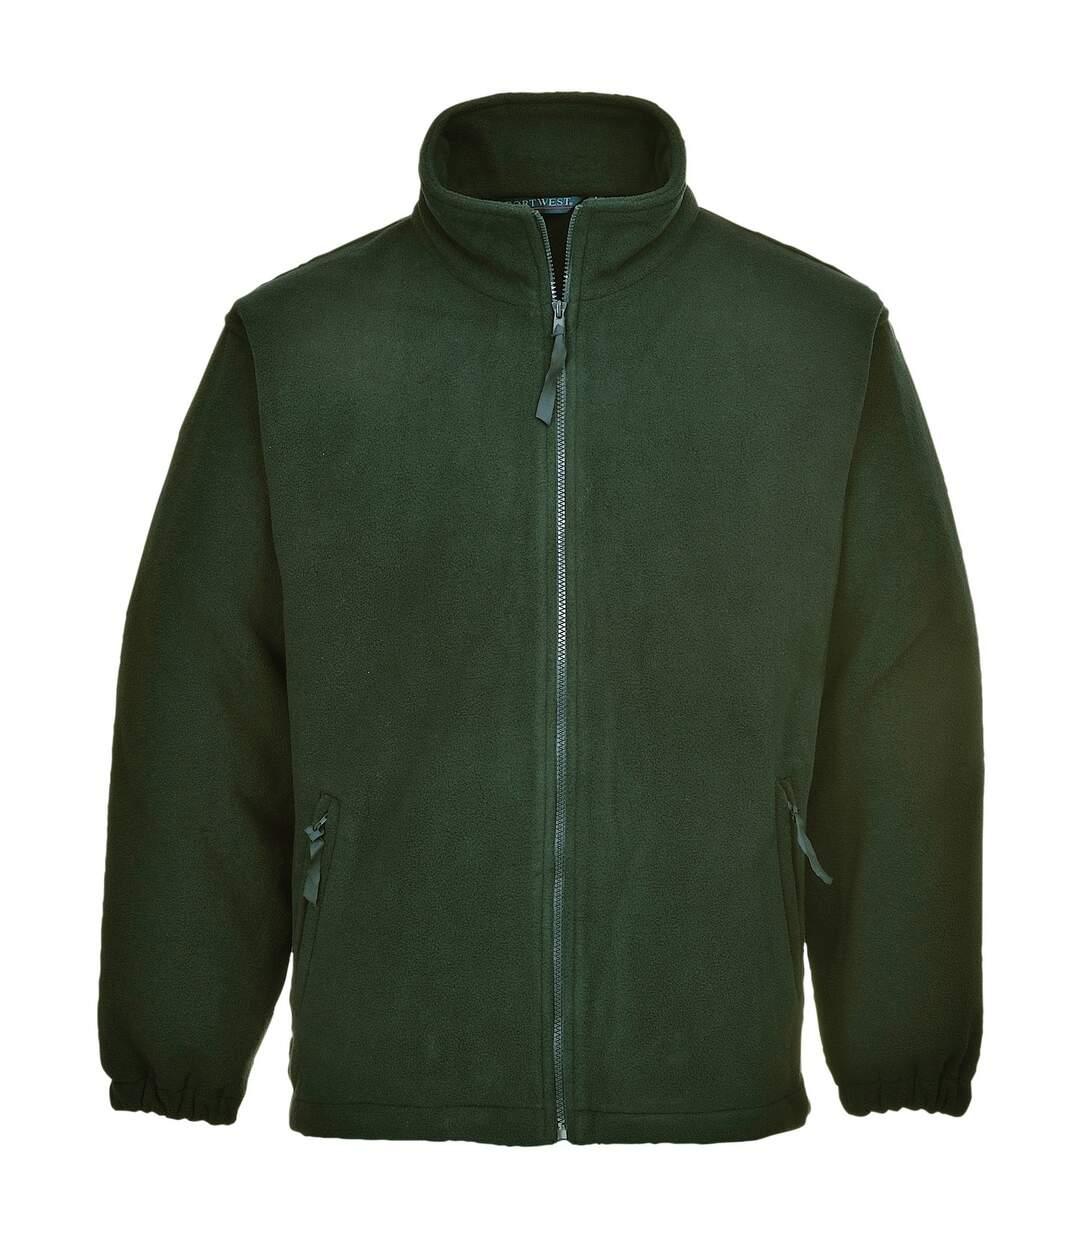 Portwest Mens Aran Full Zip Fleece Top (Bottle) - UTRW4363